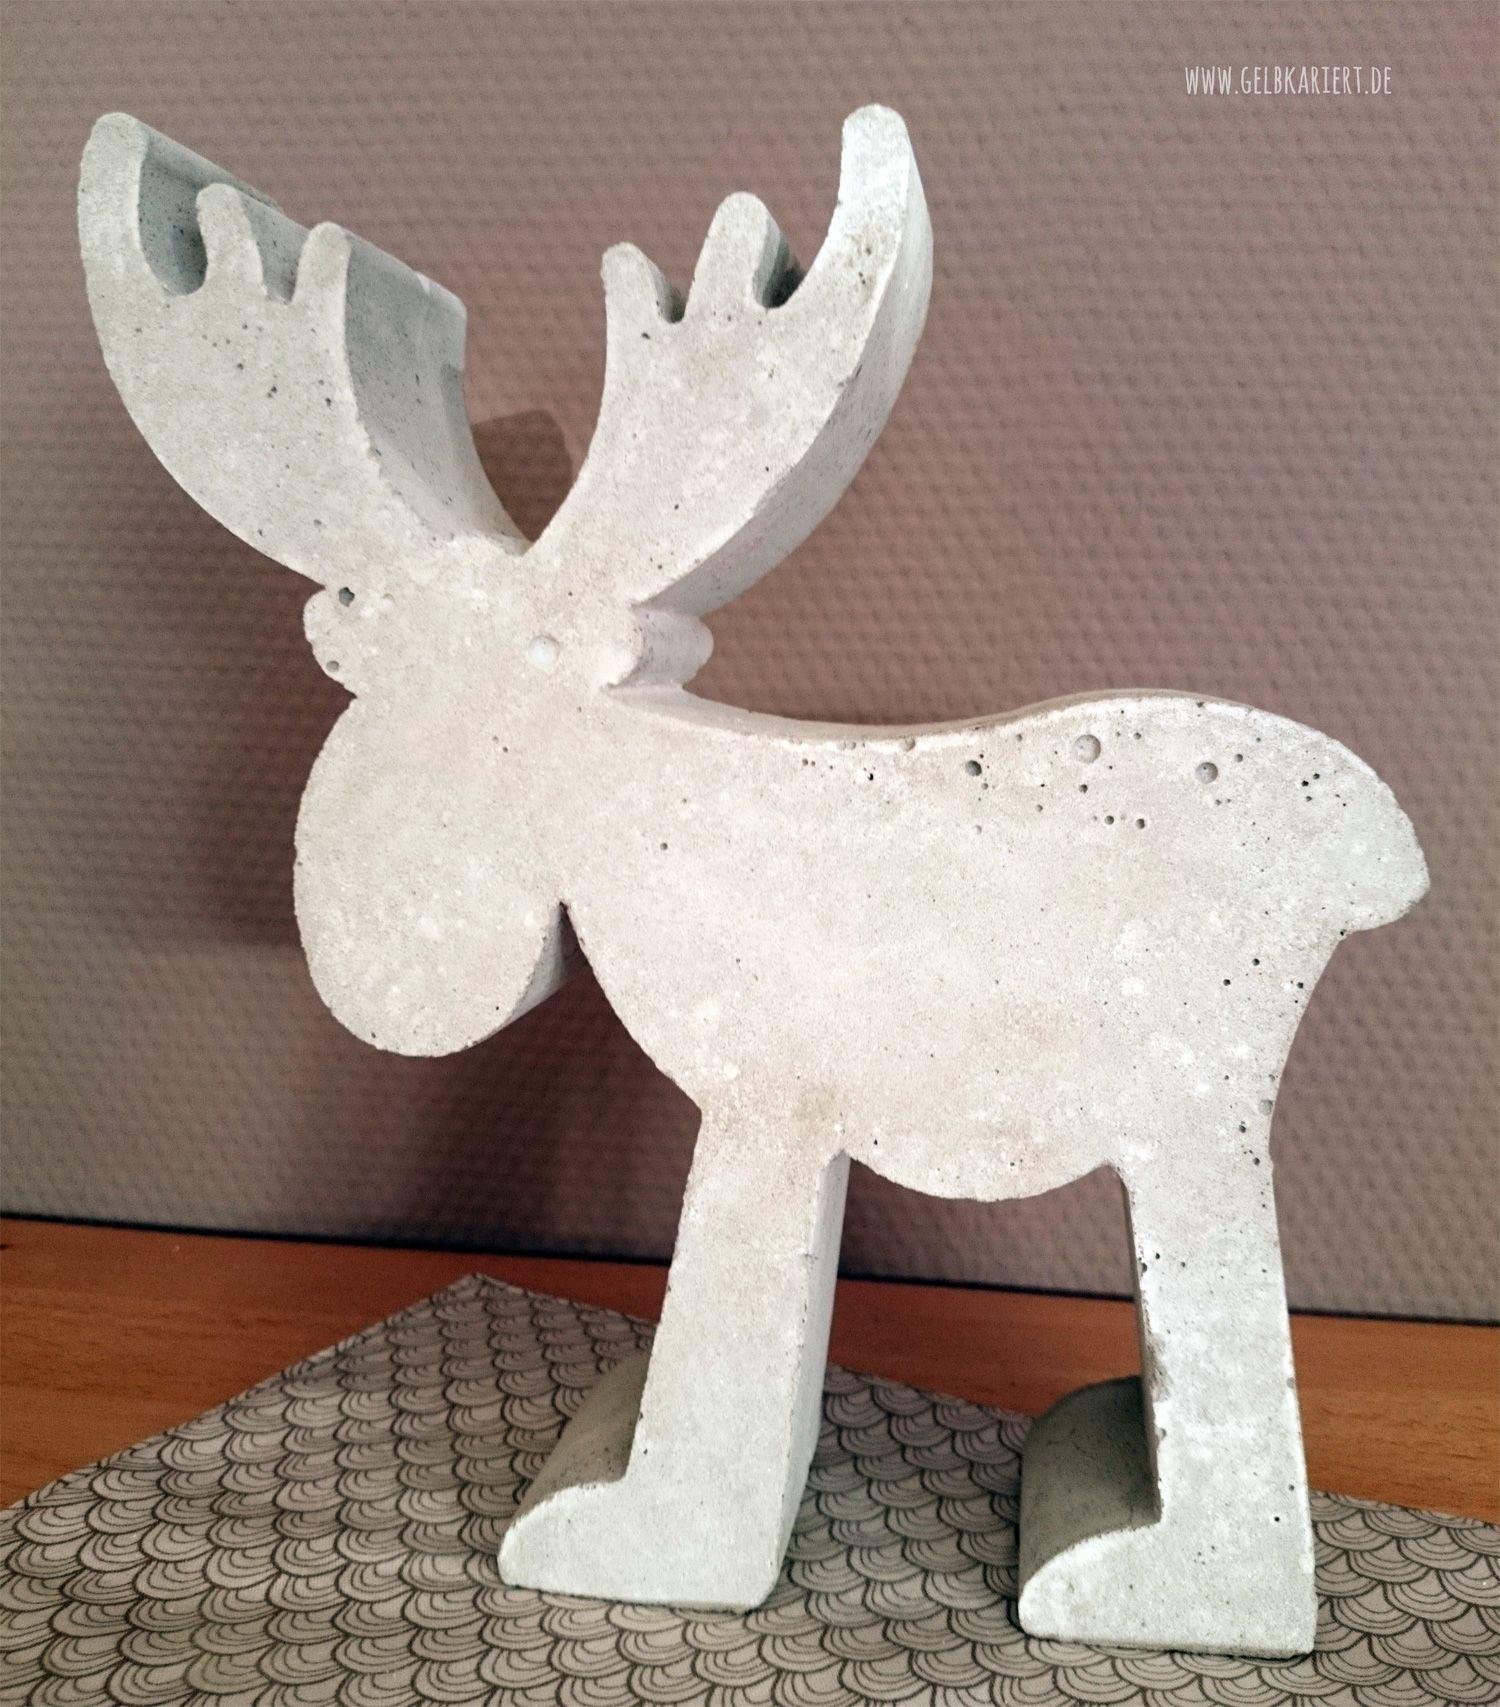 diy ideen fr weihnachten weihnachtsdeko stoffbilder nhen dekoration fr weihnachten beton - Diy Weihnachtsdeko Blog